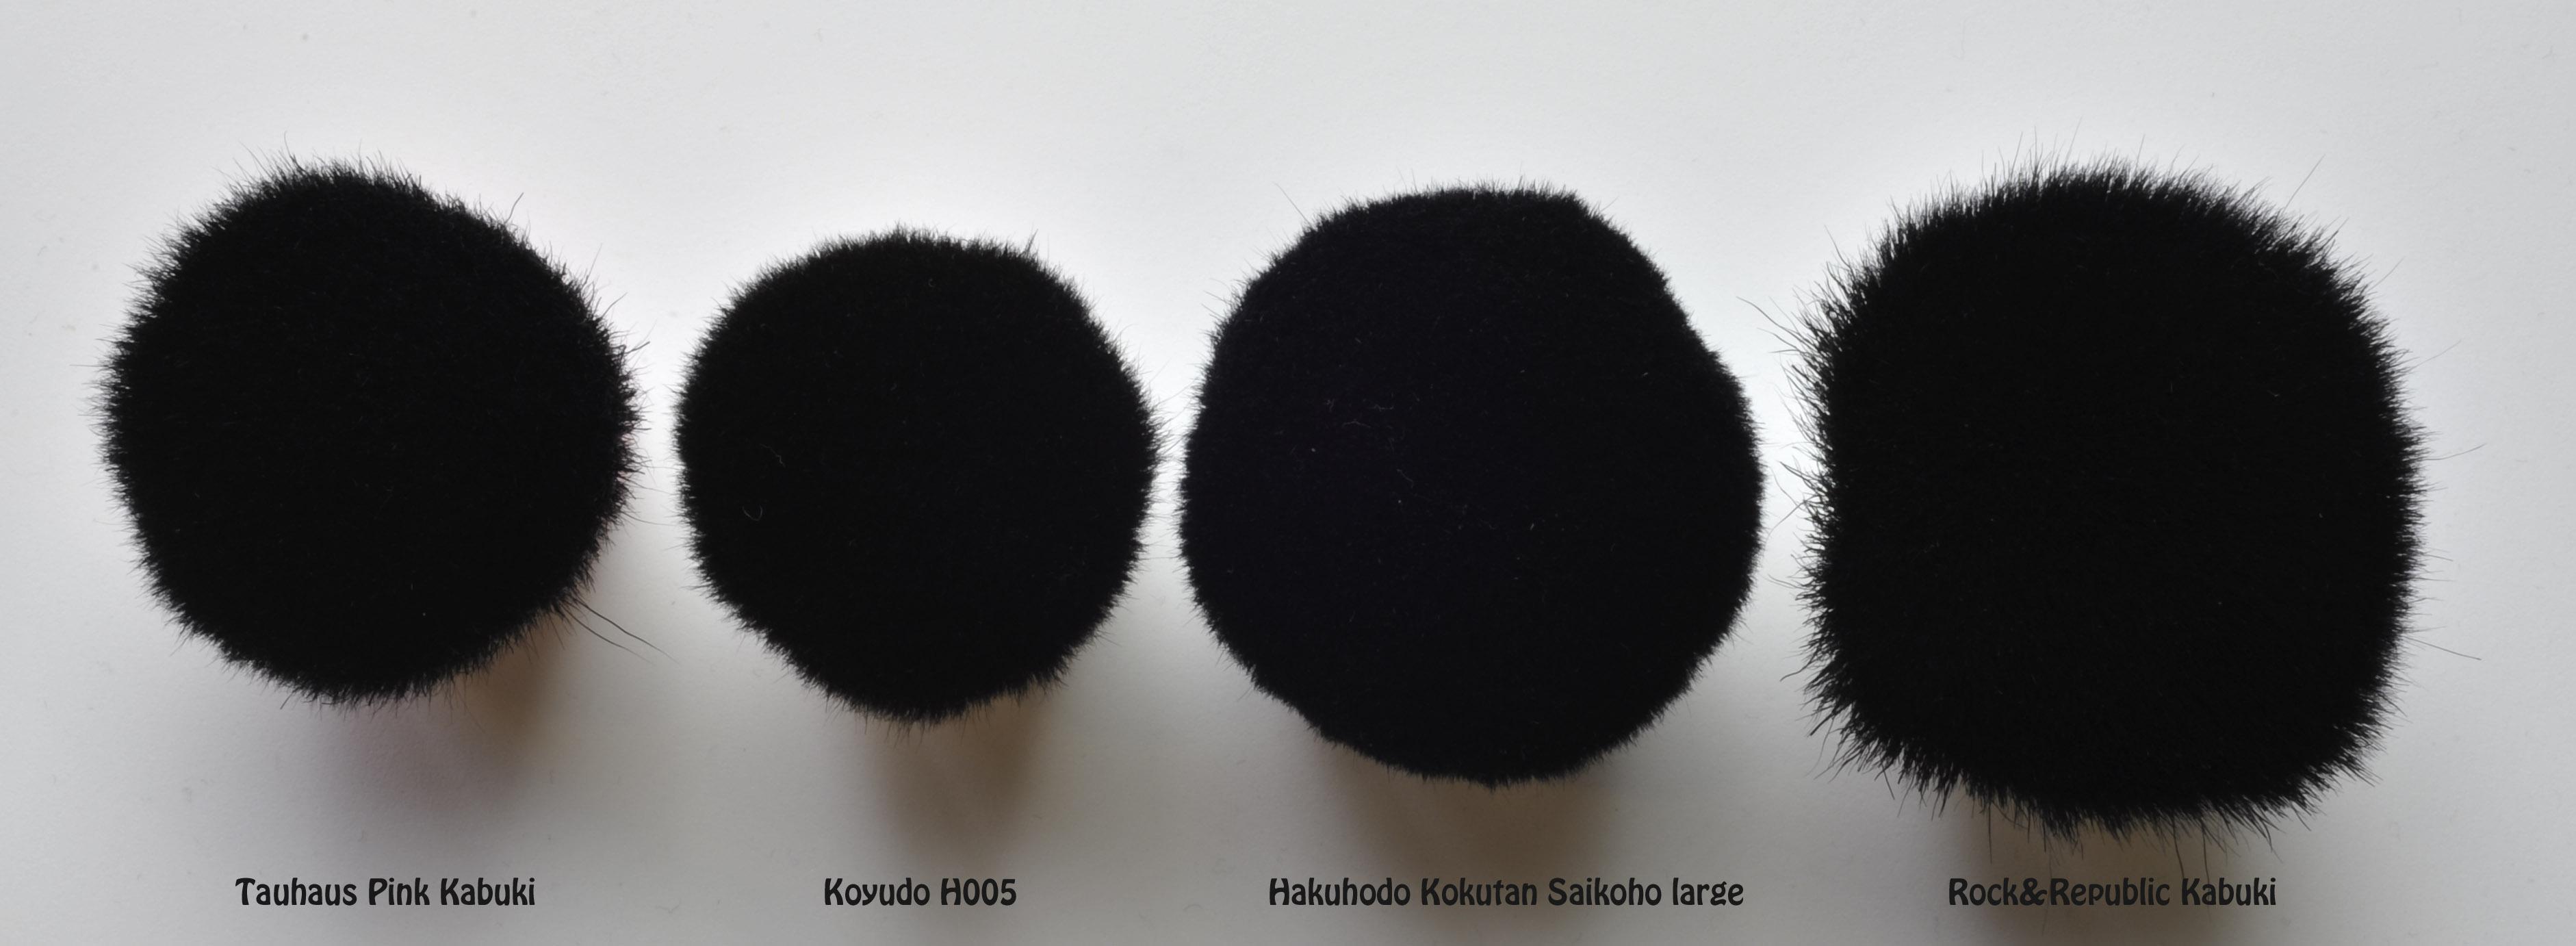 blackkabukisfront